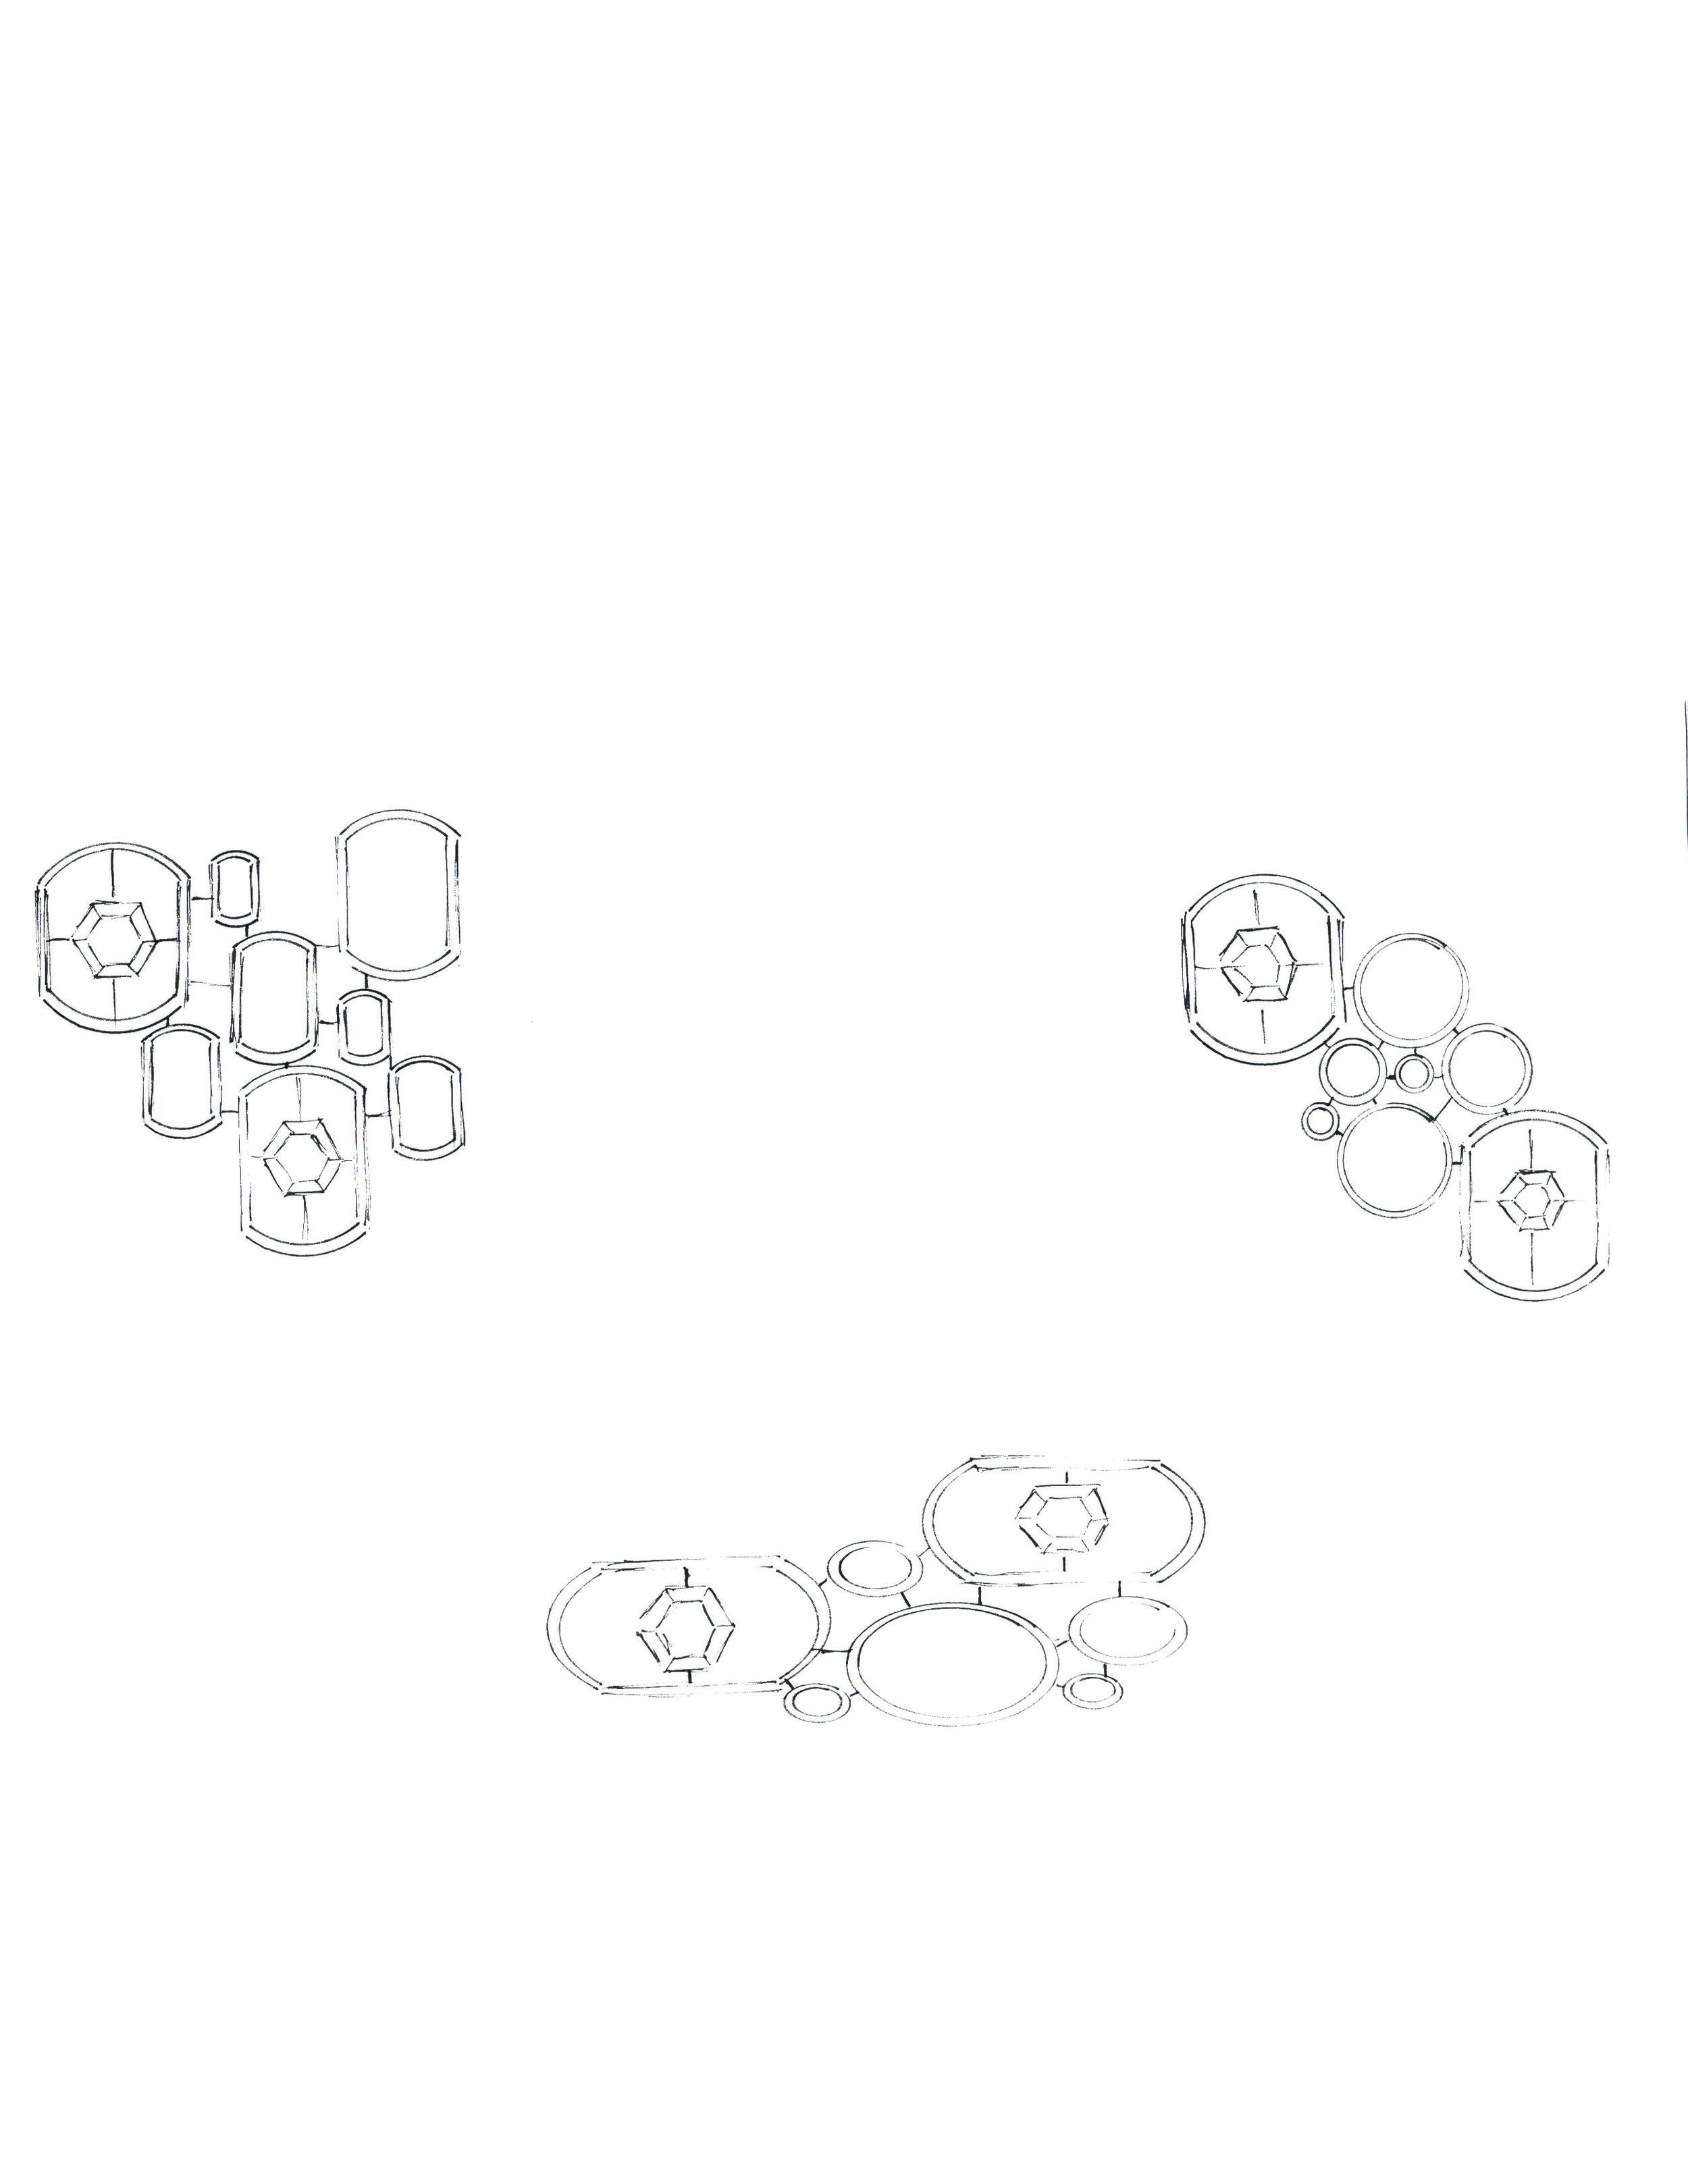 Swanson_Sarah_Sketch8.jpg